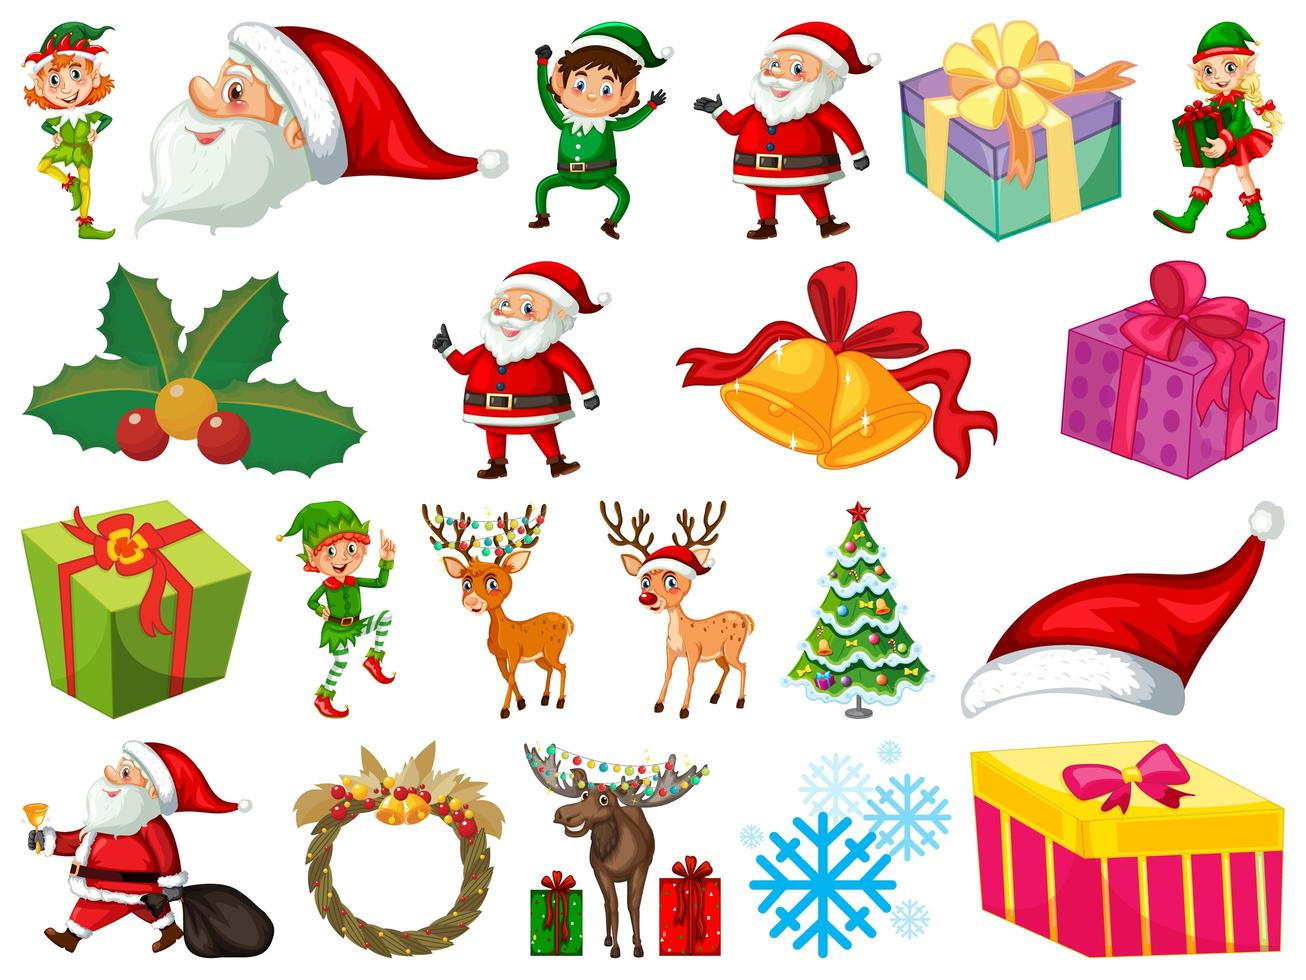 Ensemble de personnage de dessin animé de père Noël et objets de Noël isolés sur fond blanc vecteur